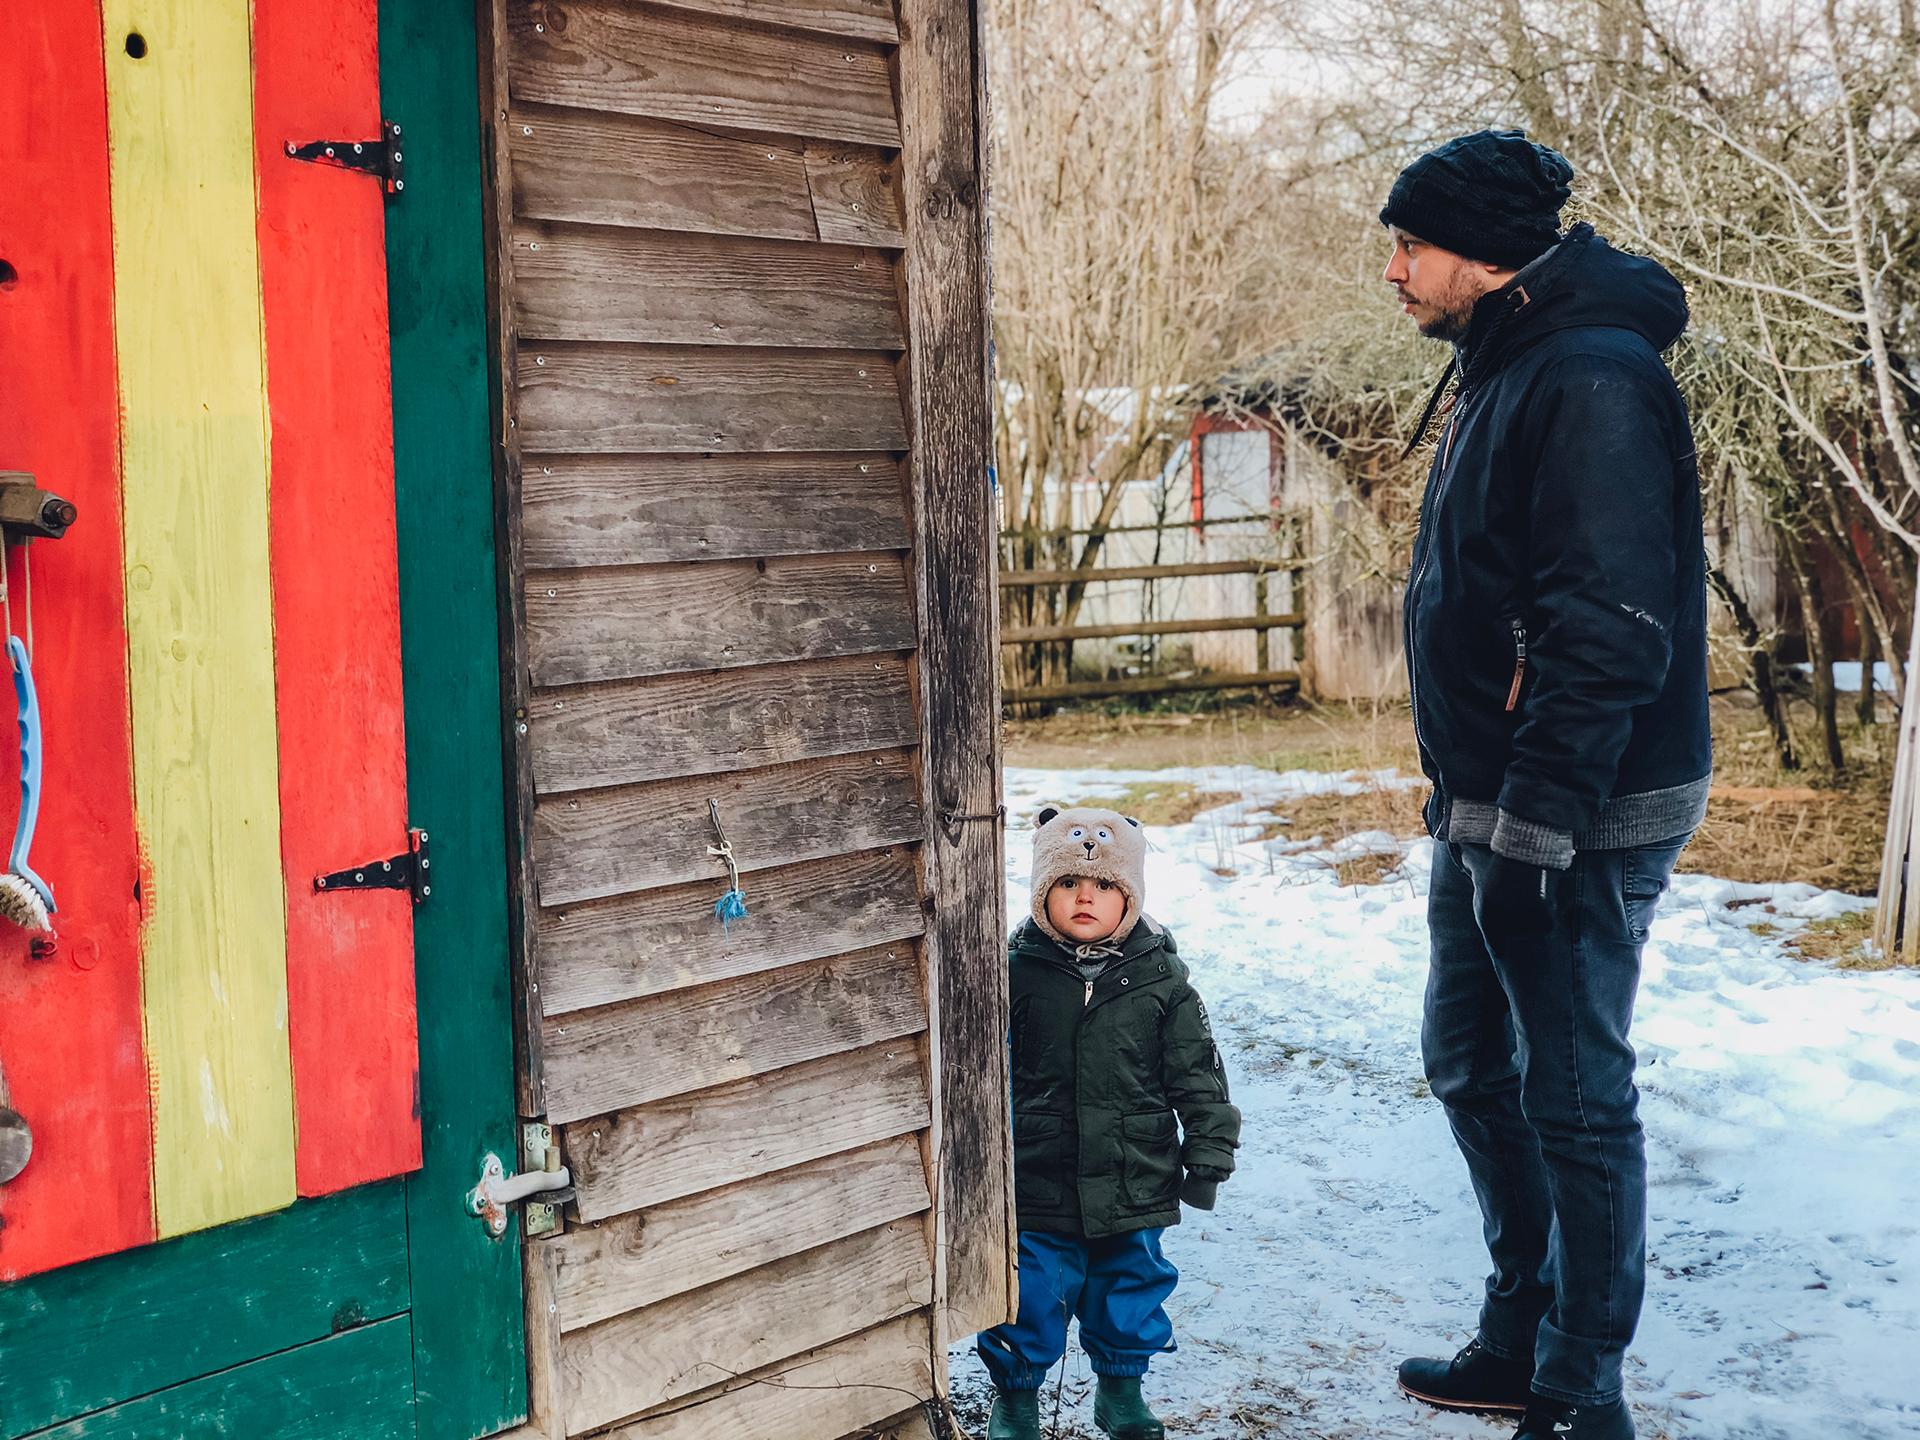 Kinder- und Jugendfarm Neuaubing - Spielplatz und Streichelzoo - München mit Kind - Ausflugstipps für Familien 6